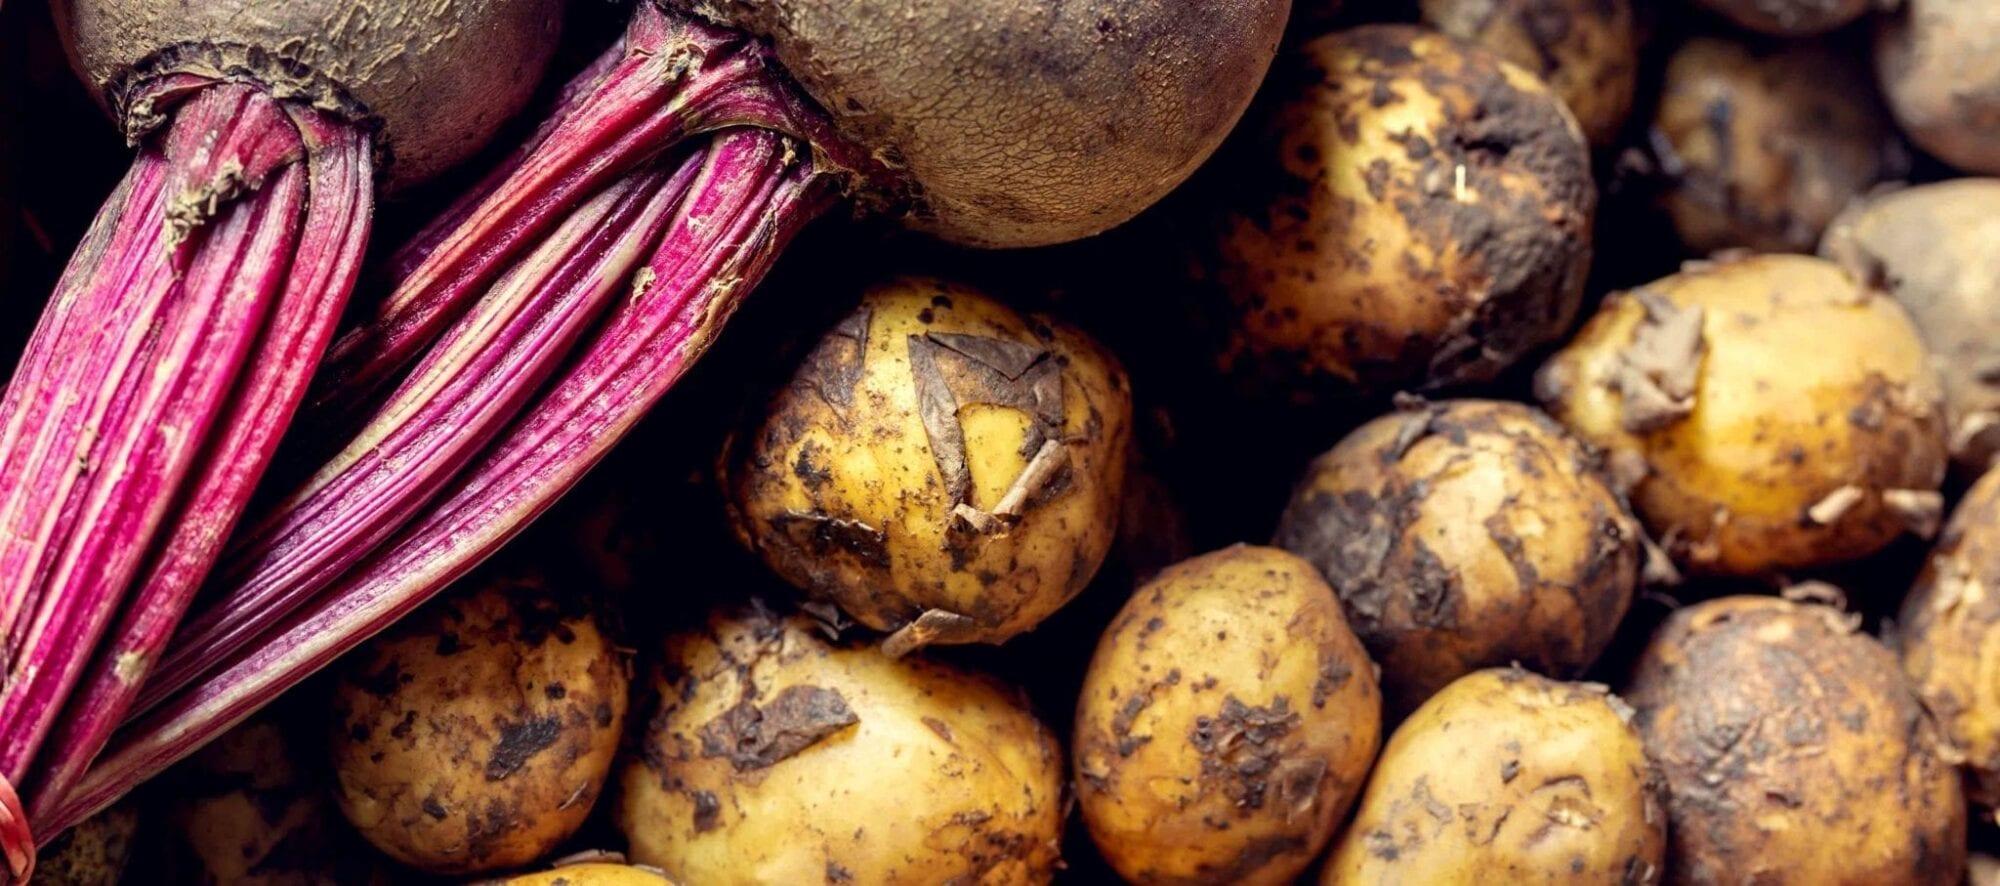 Billede af kartofler og rødbeder til inspiration for kartoffel og rødbedetårn